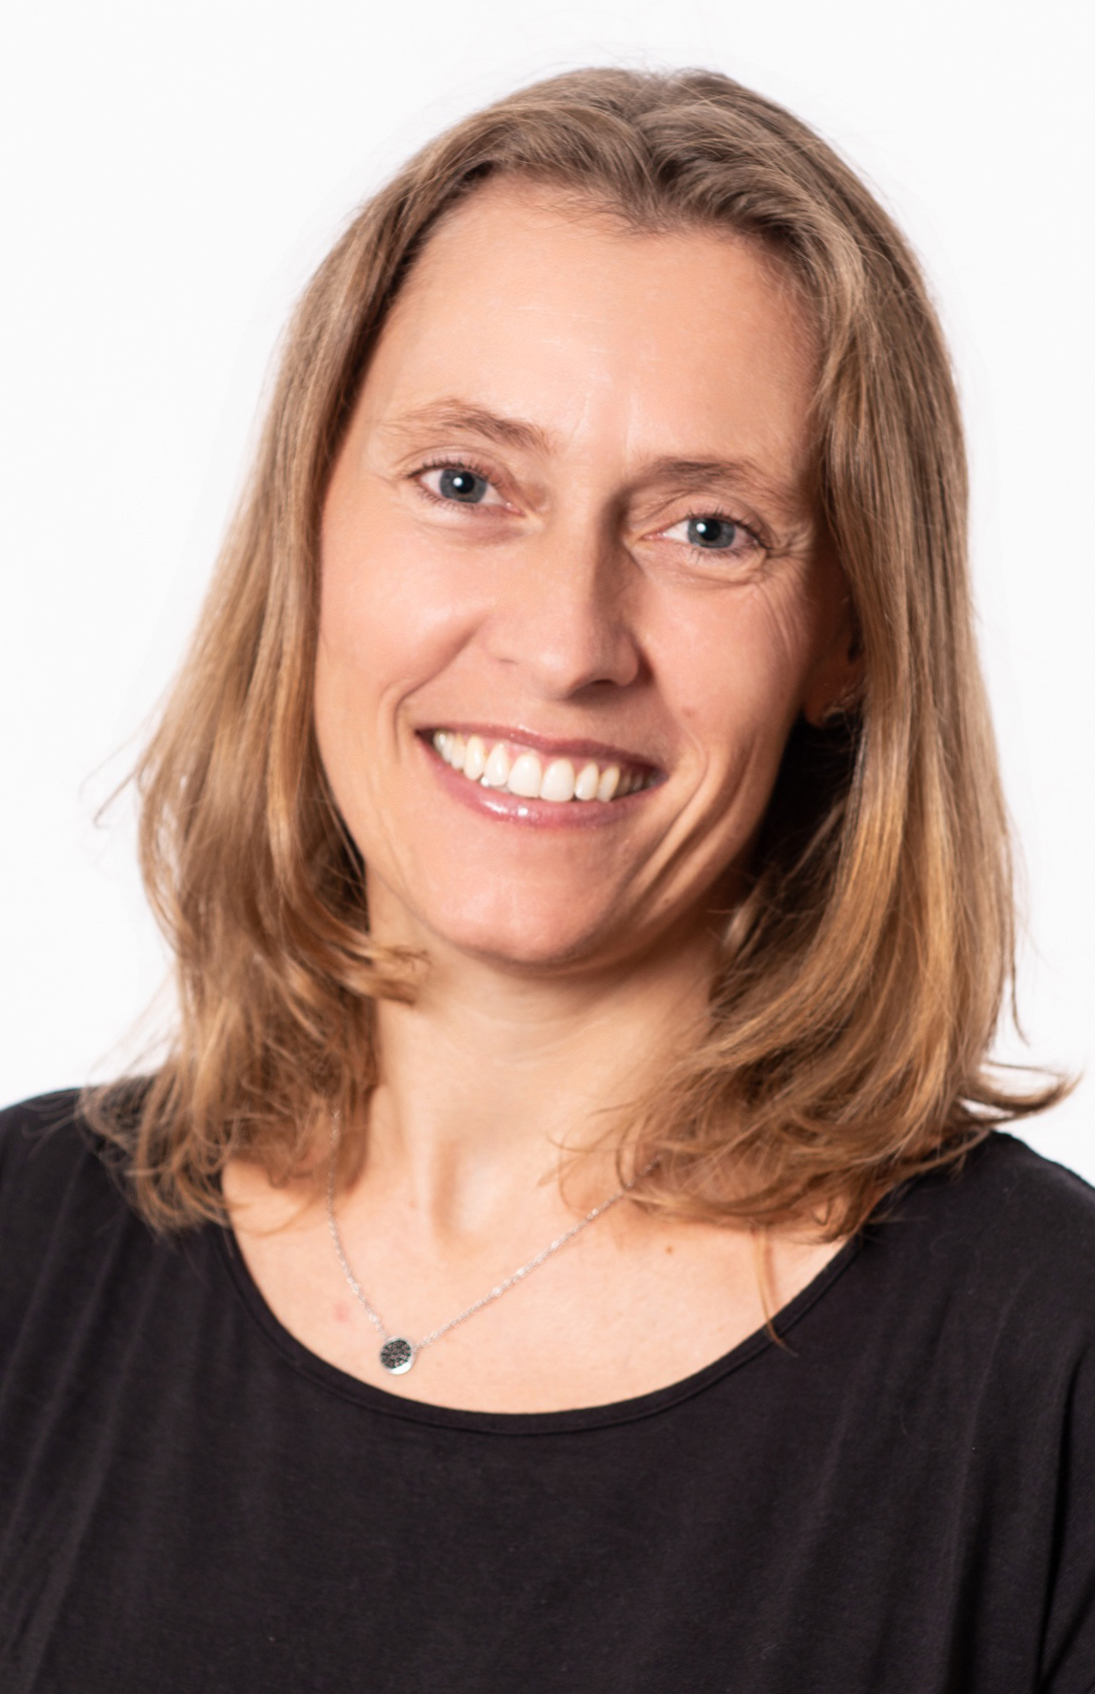 Sonja Schwaiger